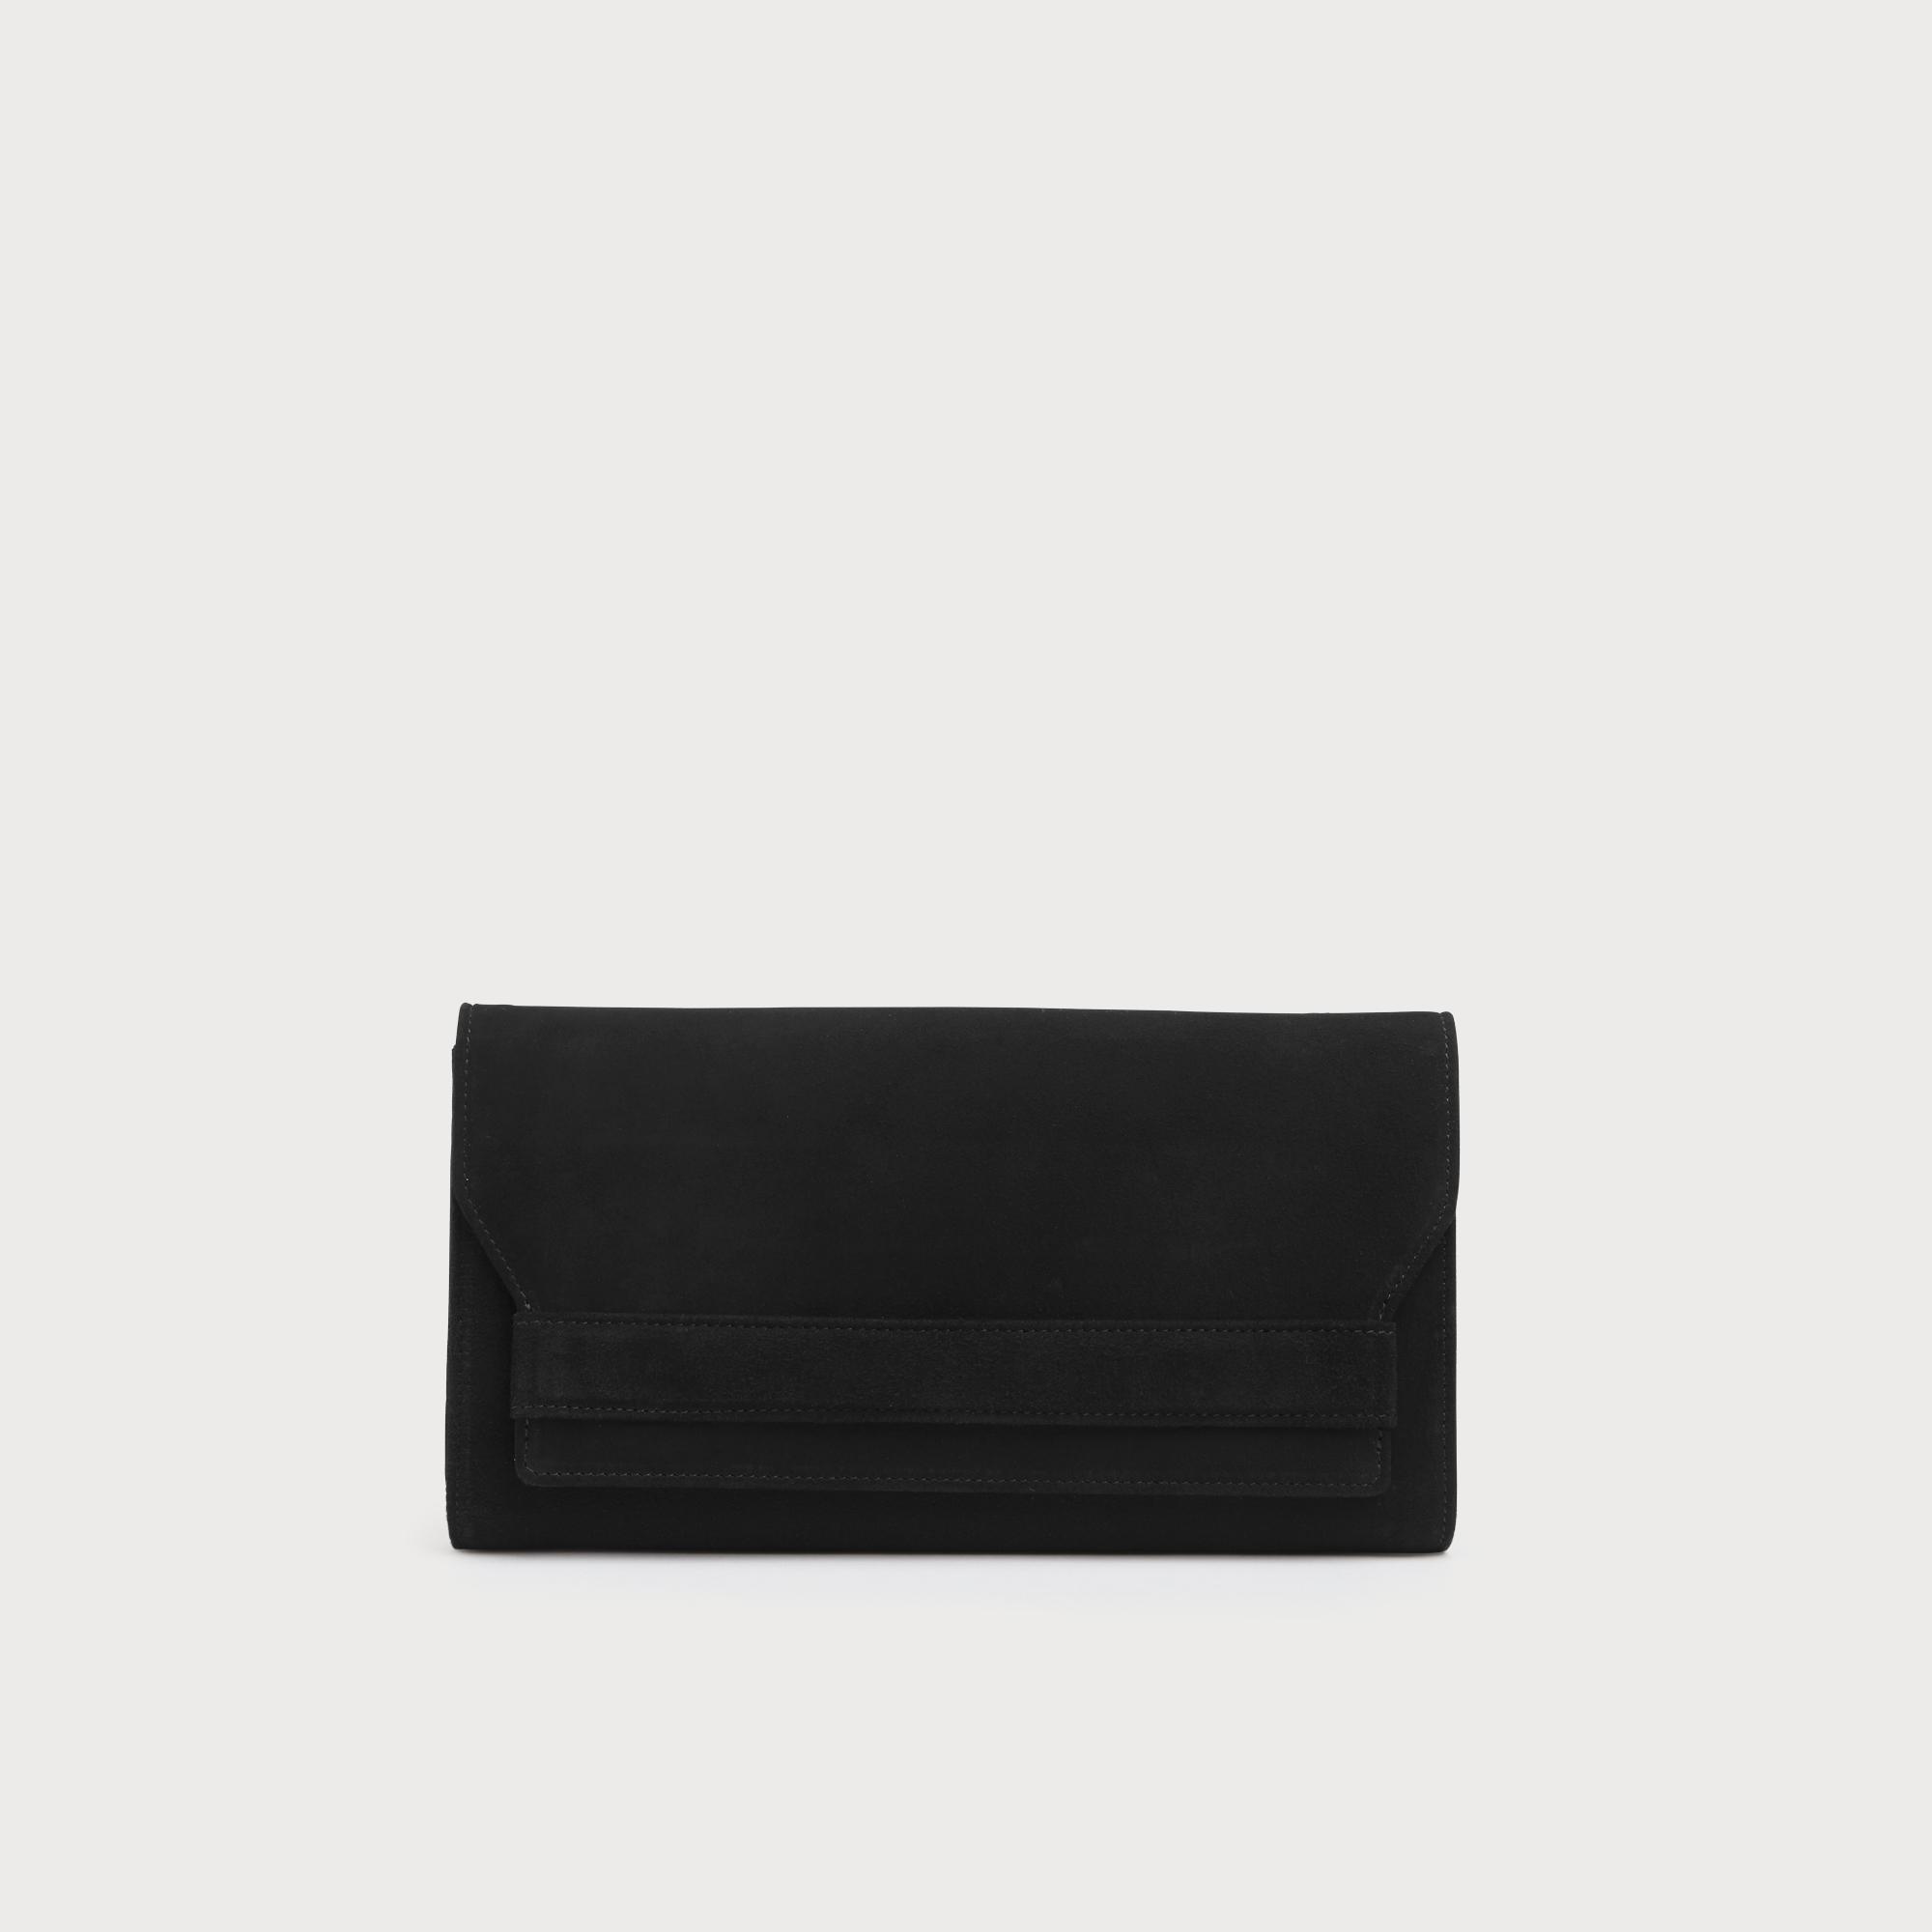 d2714f0464 Ella Black Suede Clutch Bag | Handbags | L.K.Bennett